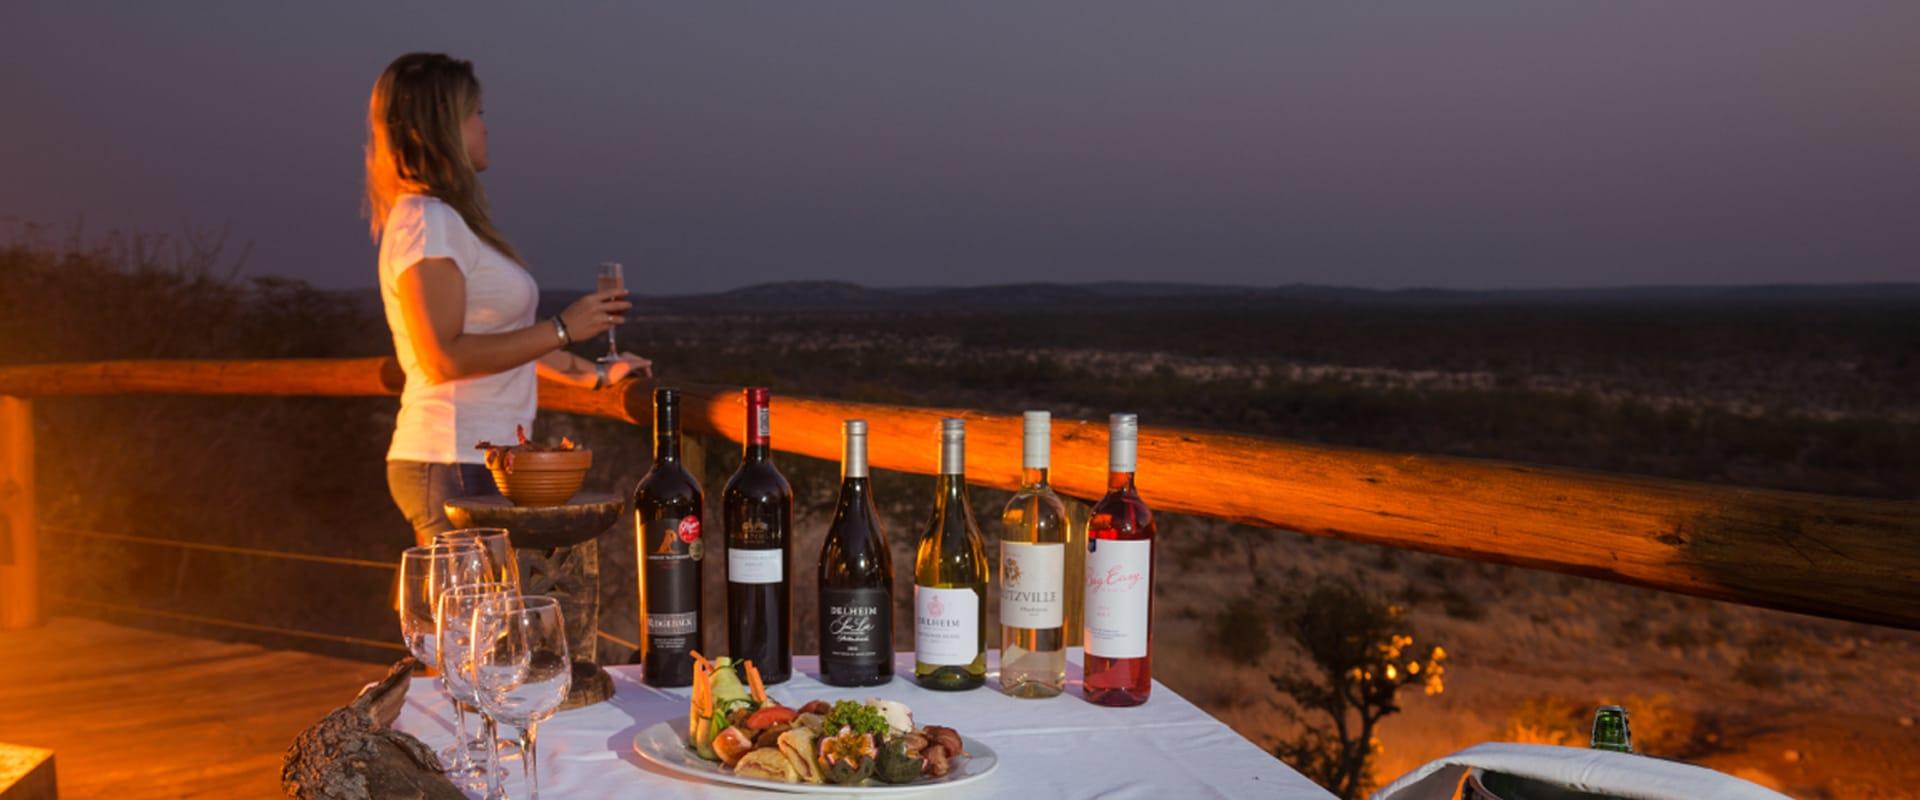 Dine under a starry Namibian Sky